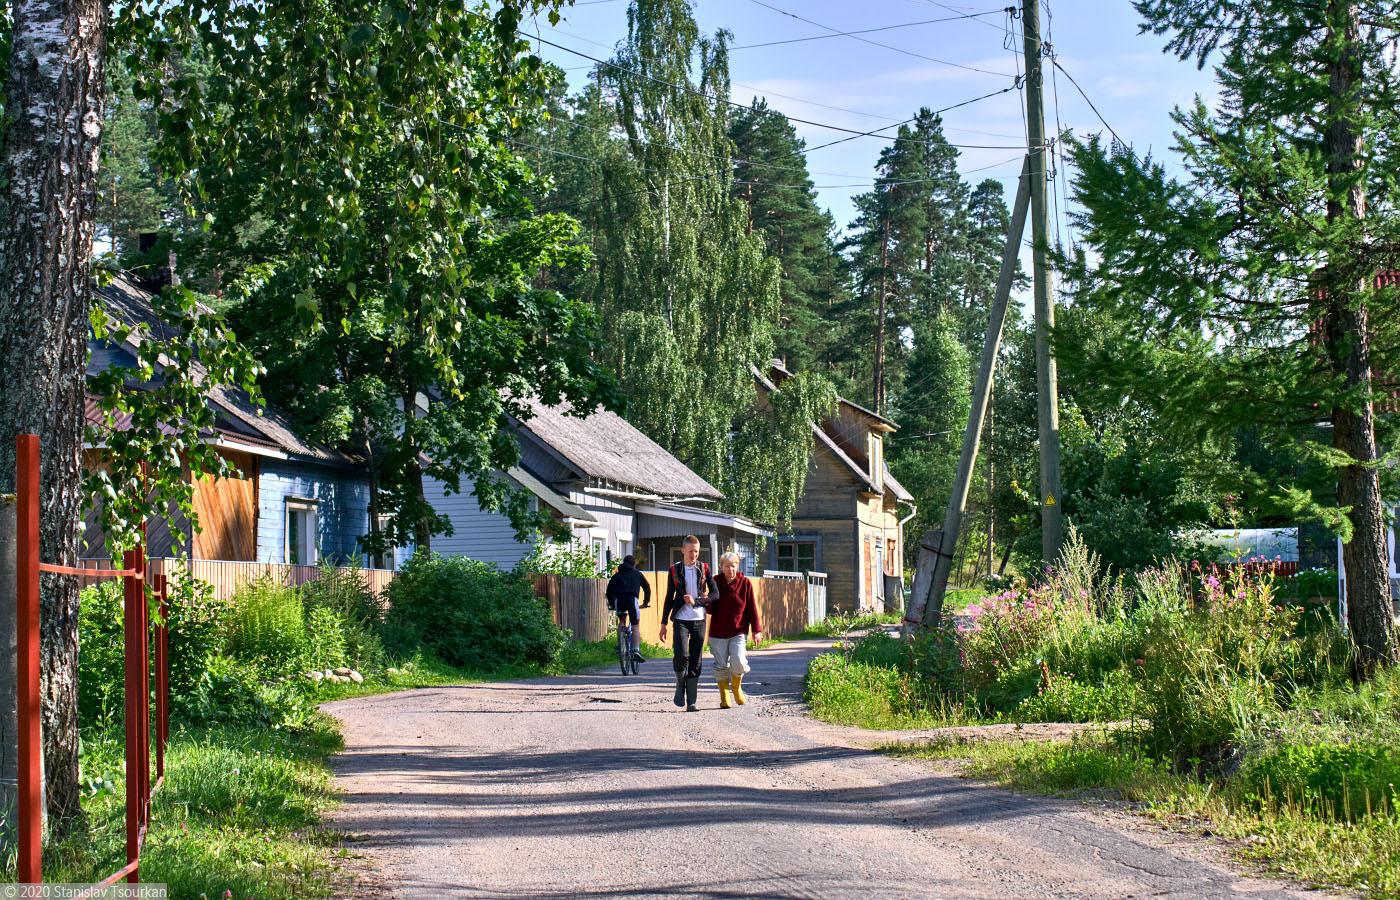 Лахденпохья, Карелия, республика Карелия, улица Бусалова